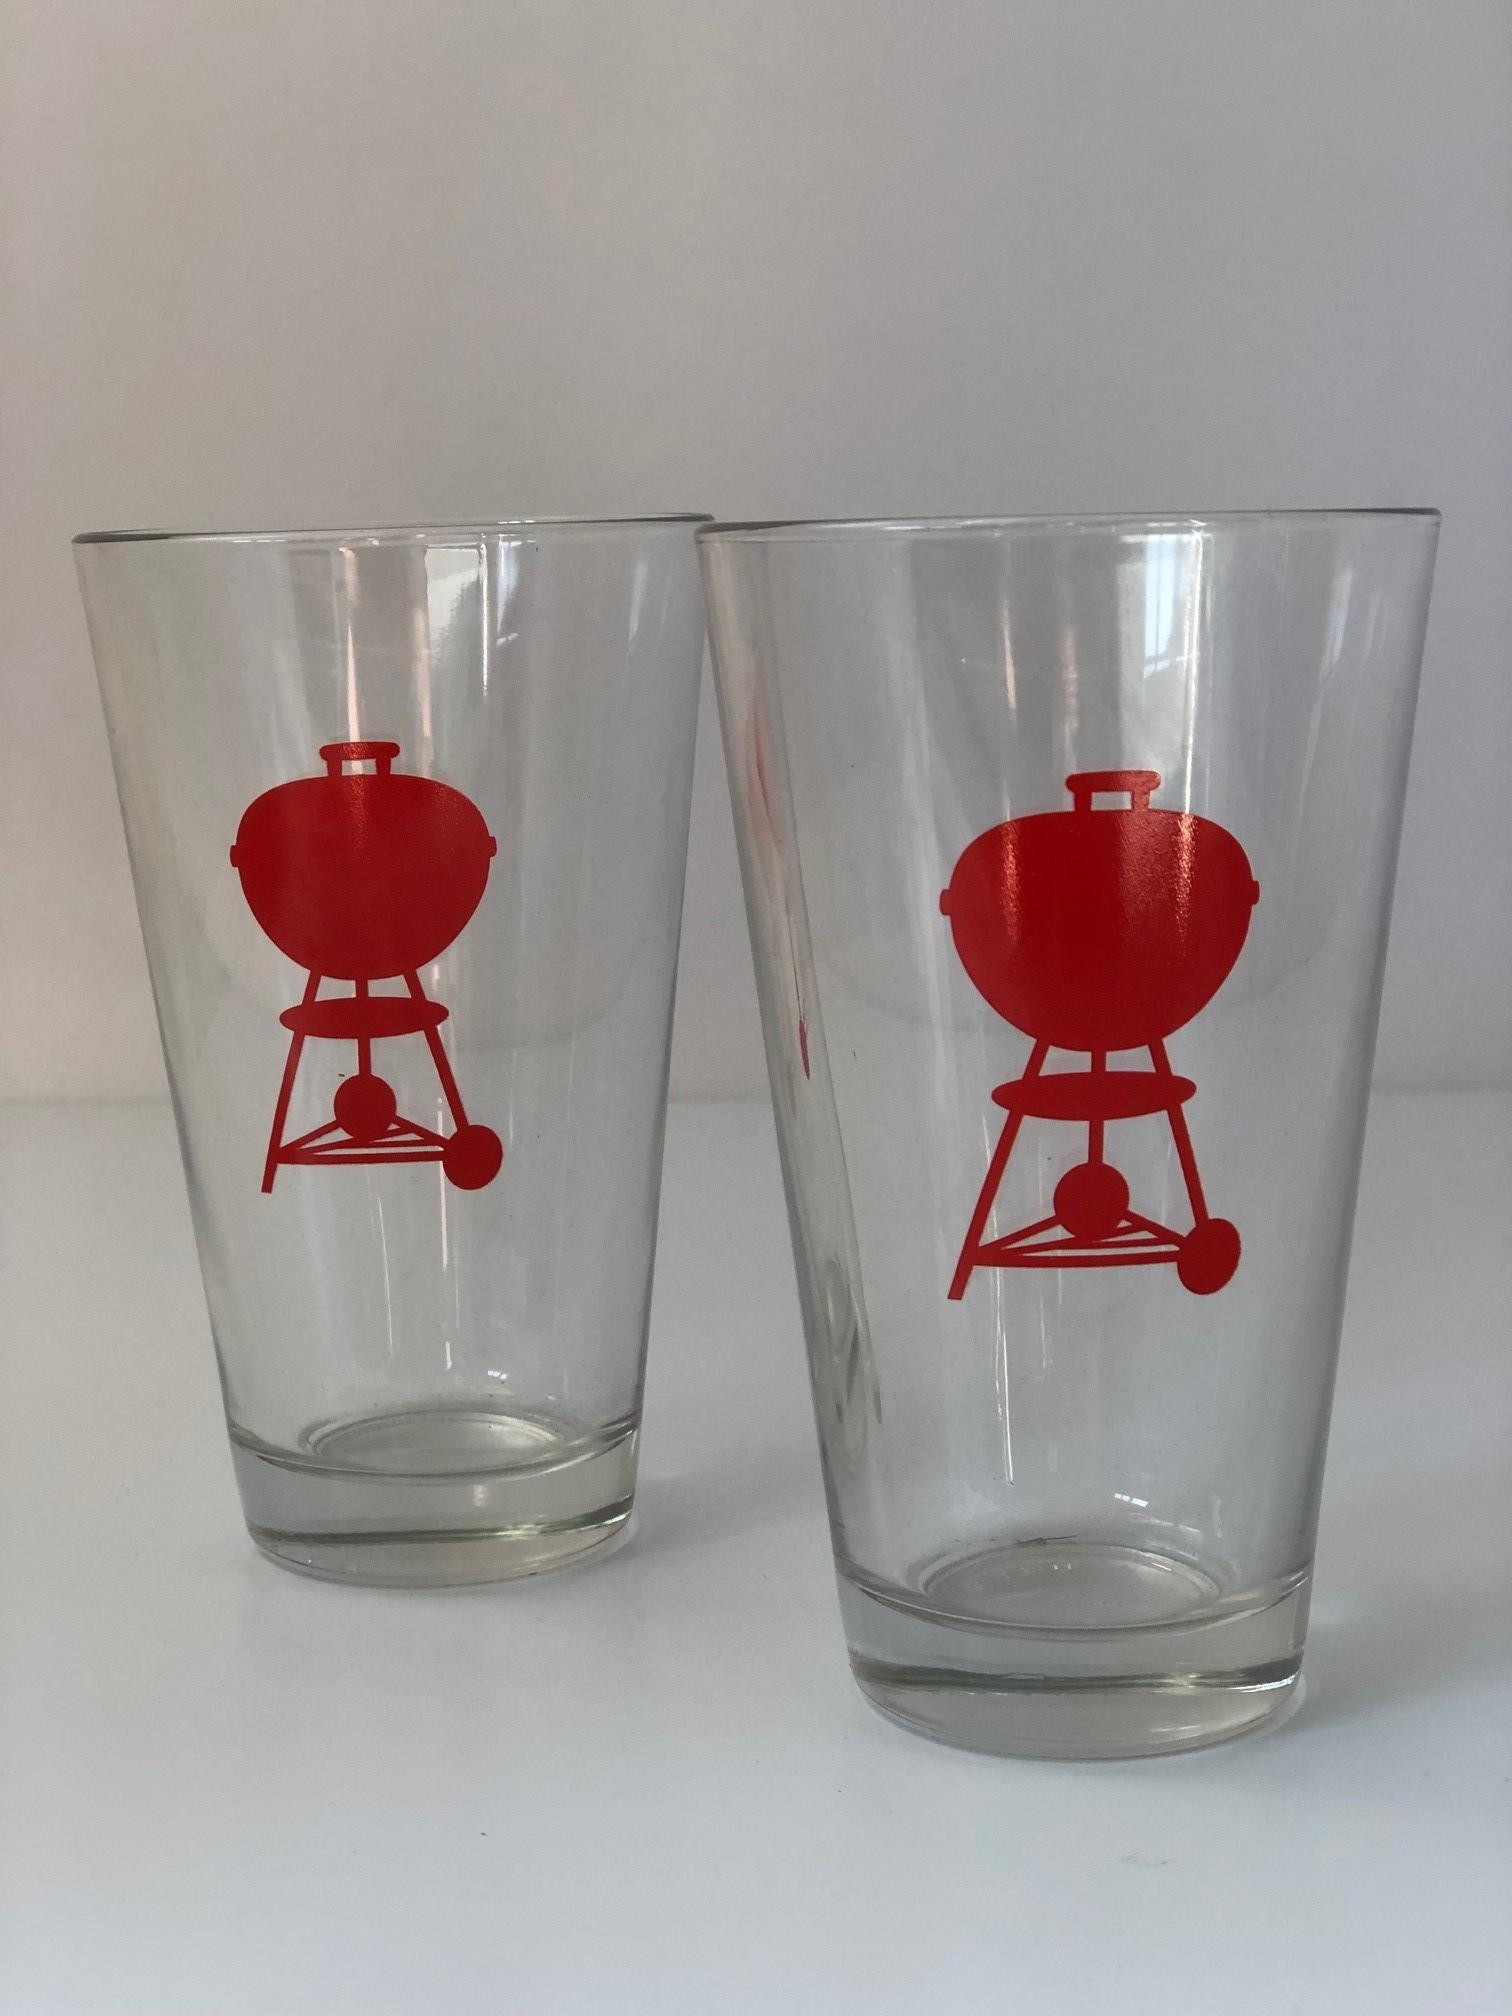 Weber Bier Glas mit rotem Kettle-Logo, 1 Stk